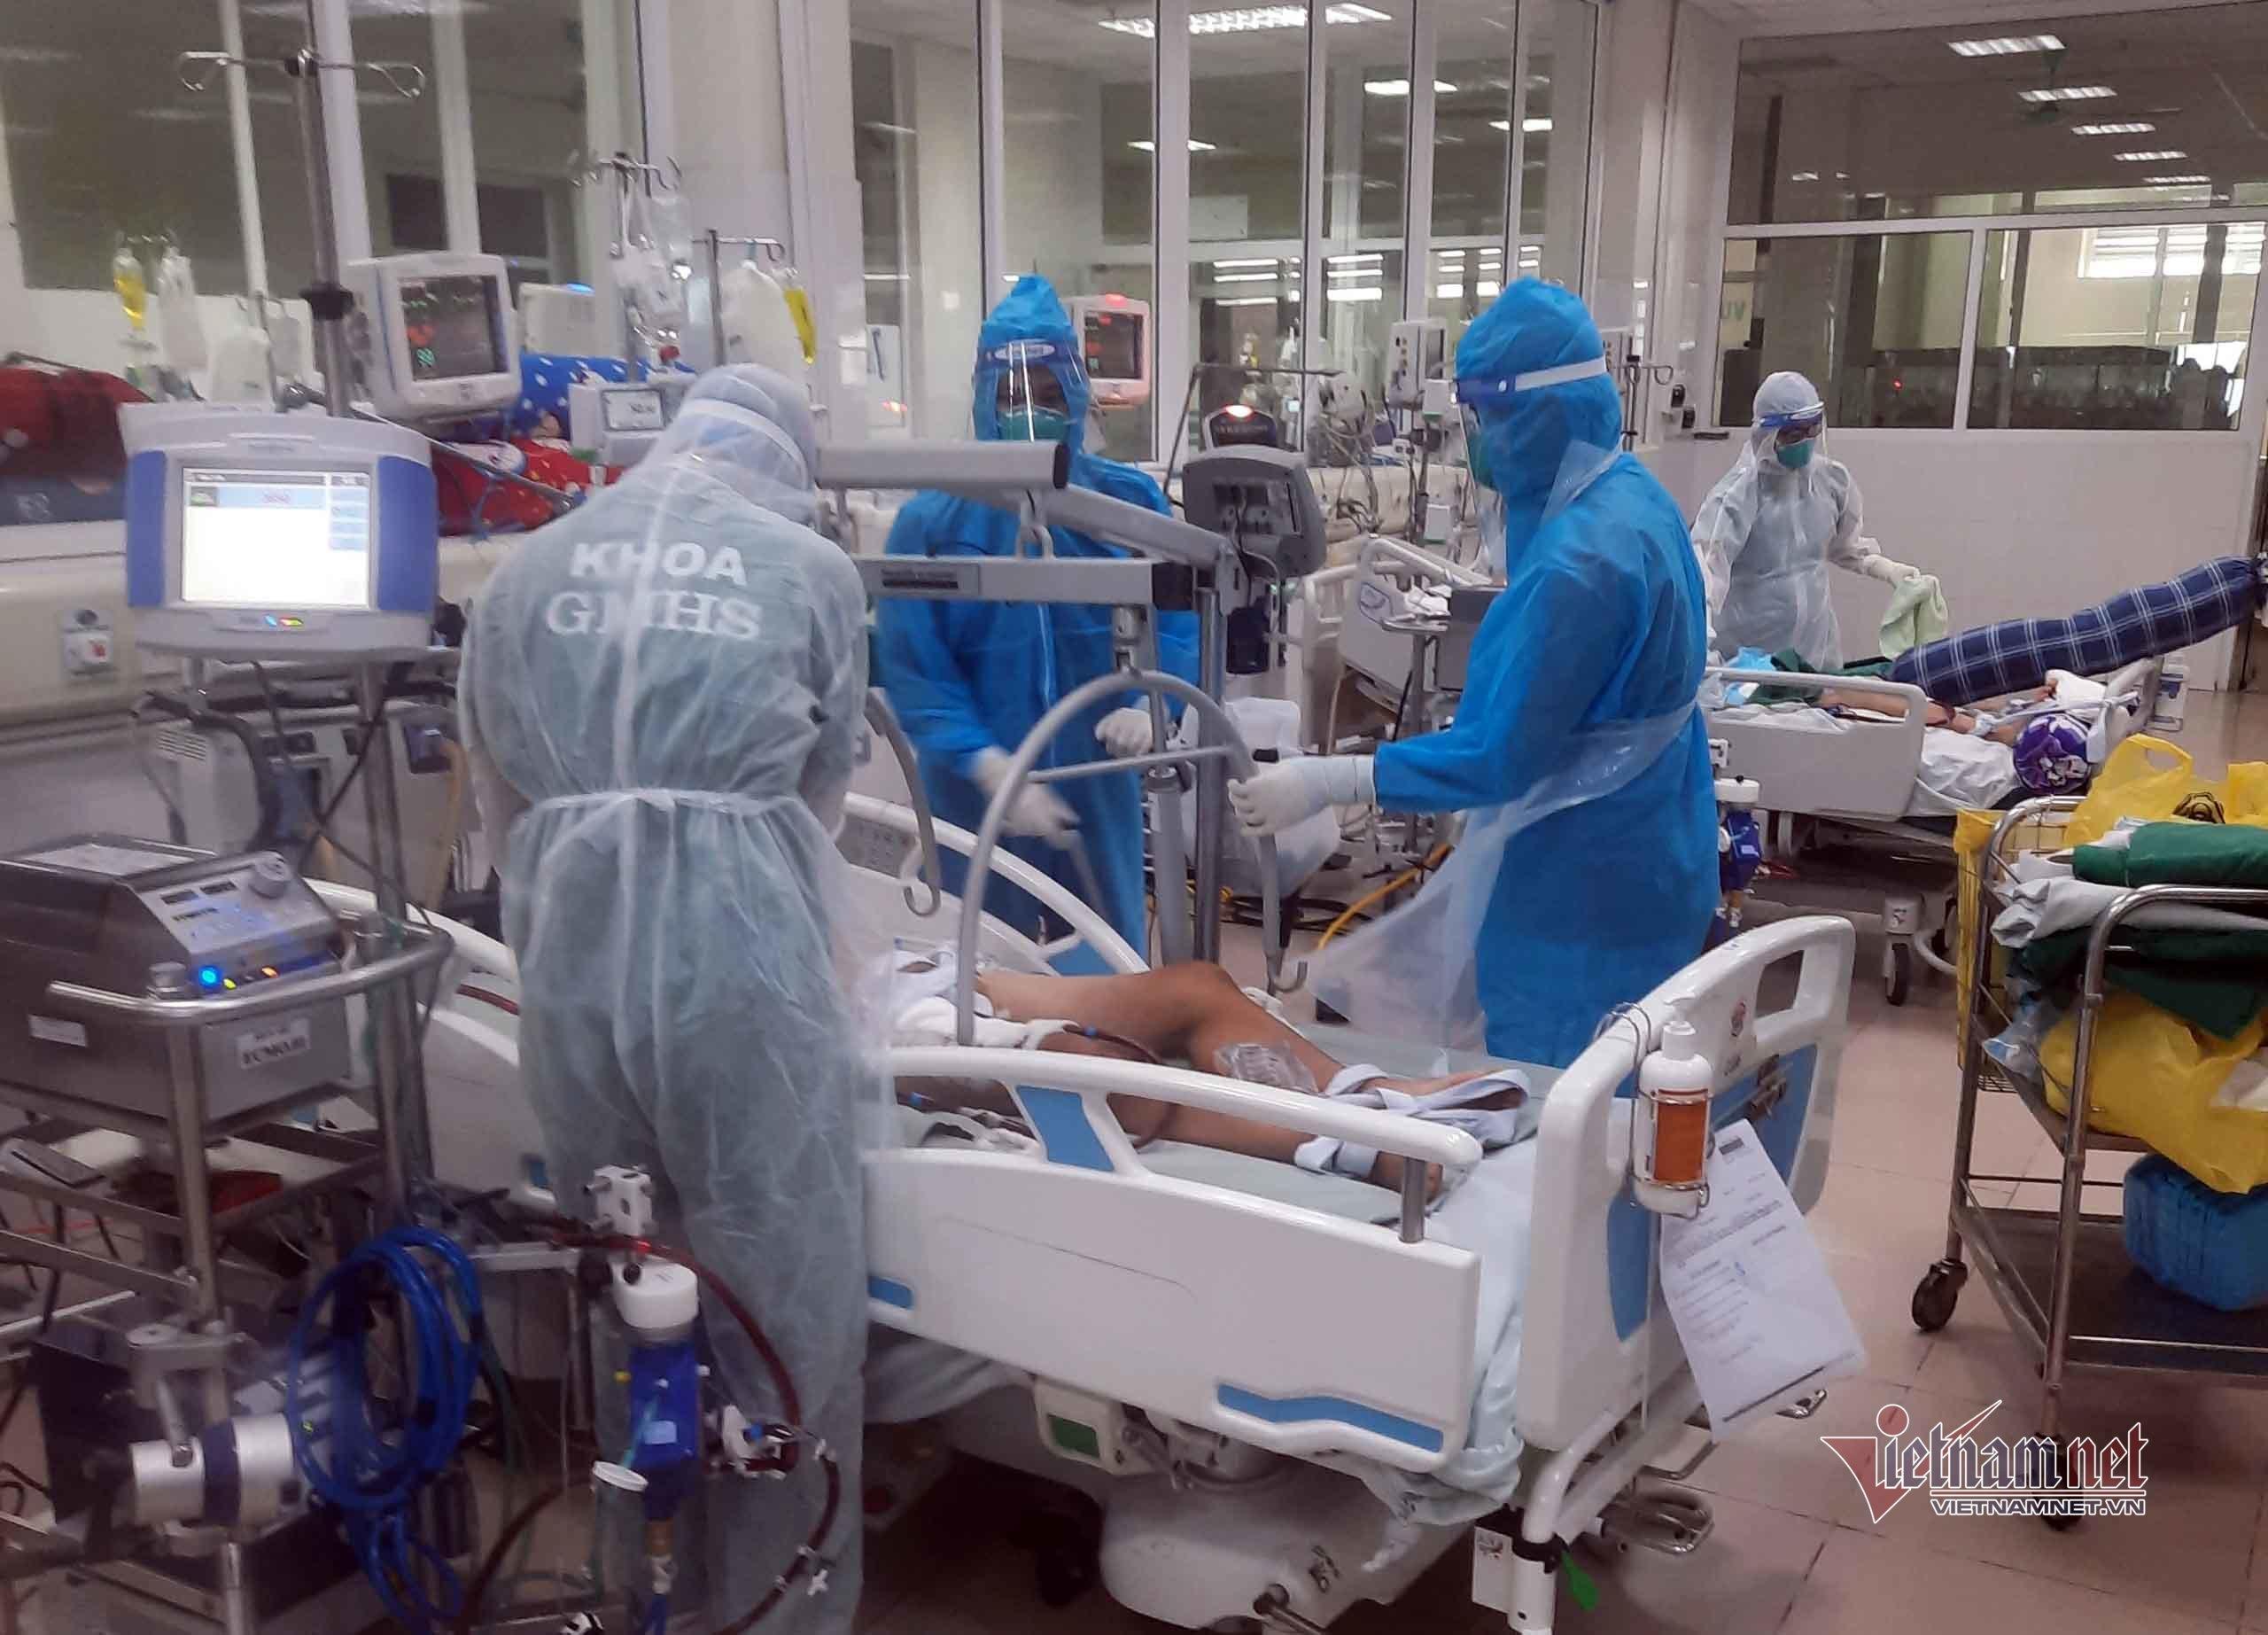 Nhật ký bác sĩ: Mệnh lệnh từ trái tim